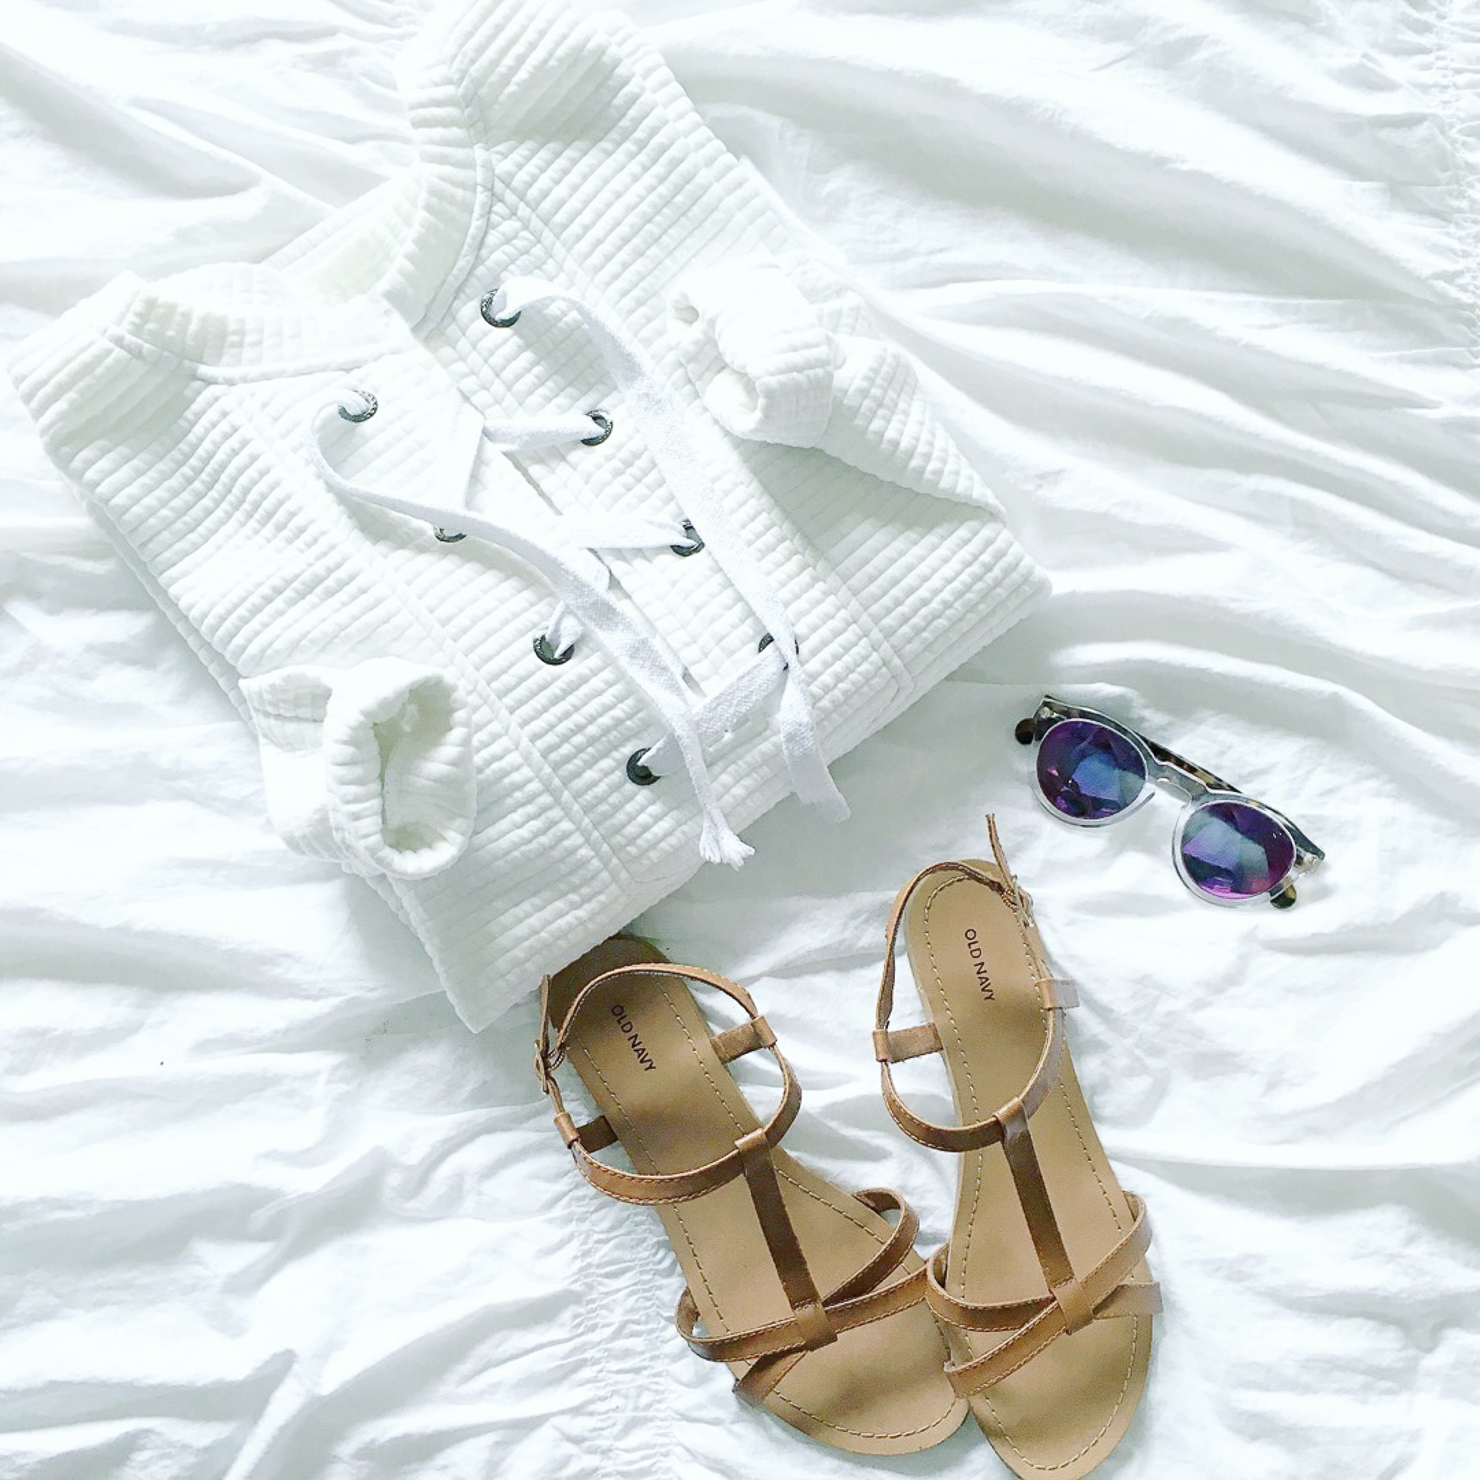 lace-up-sweatshirt-illesteva-leonard-sunglasses-brown-sandals